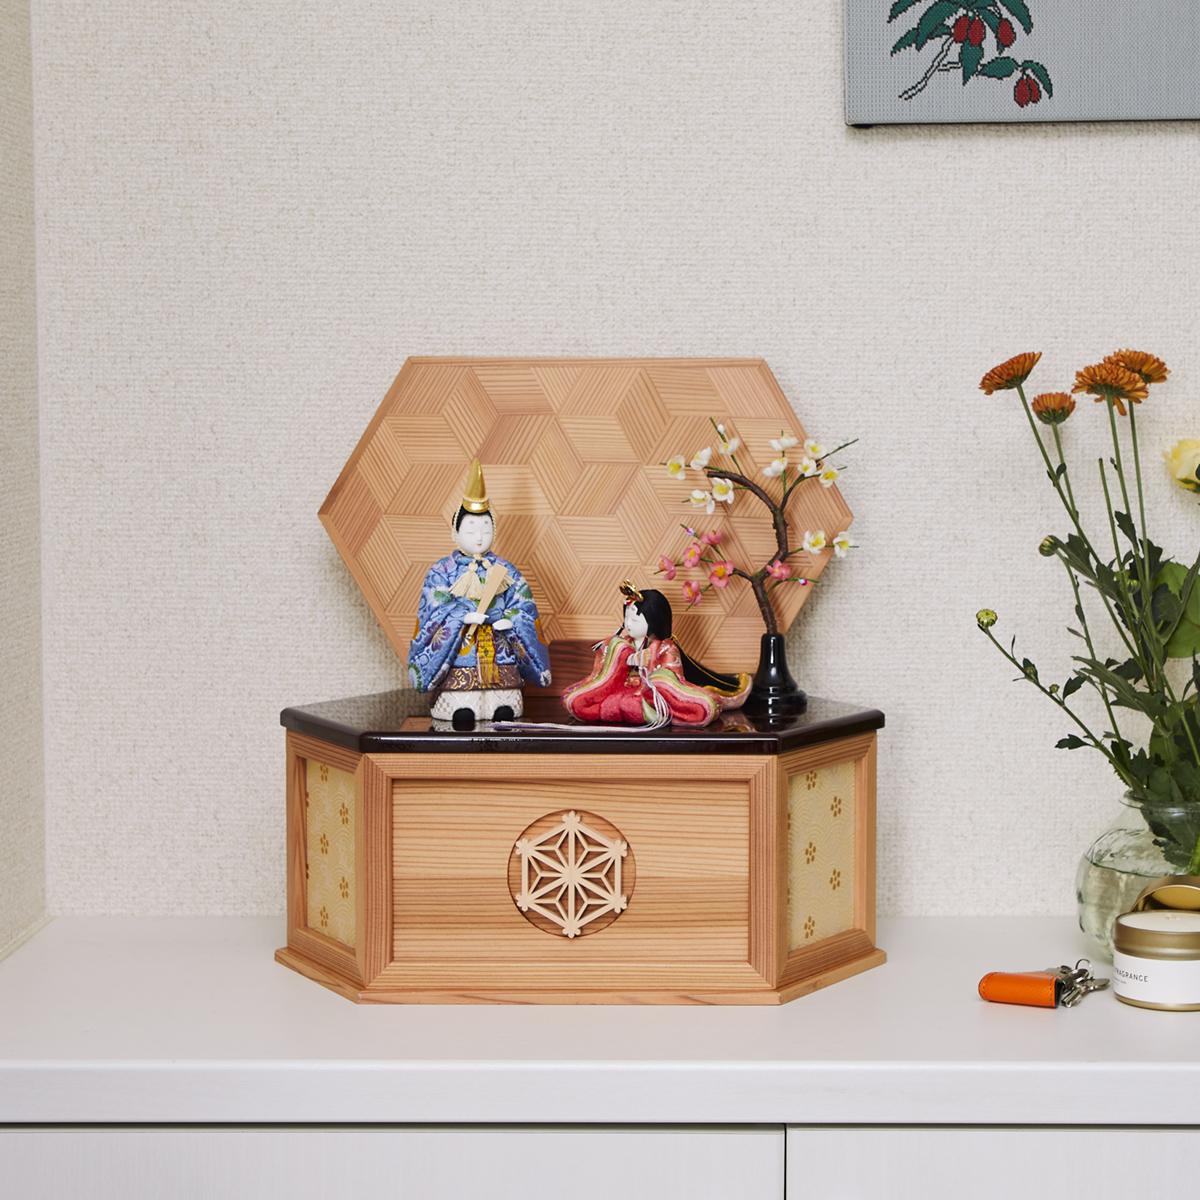 『毎年の幸せ』が御嬢様と家族に訪れる | リビングに飾れる「プレミアムコンパクト雛人形」